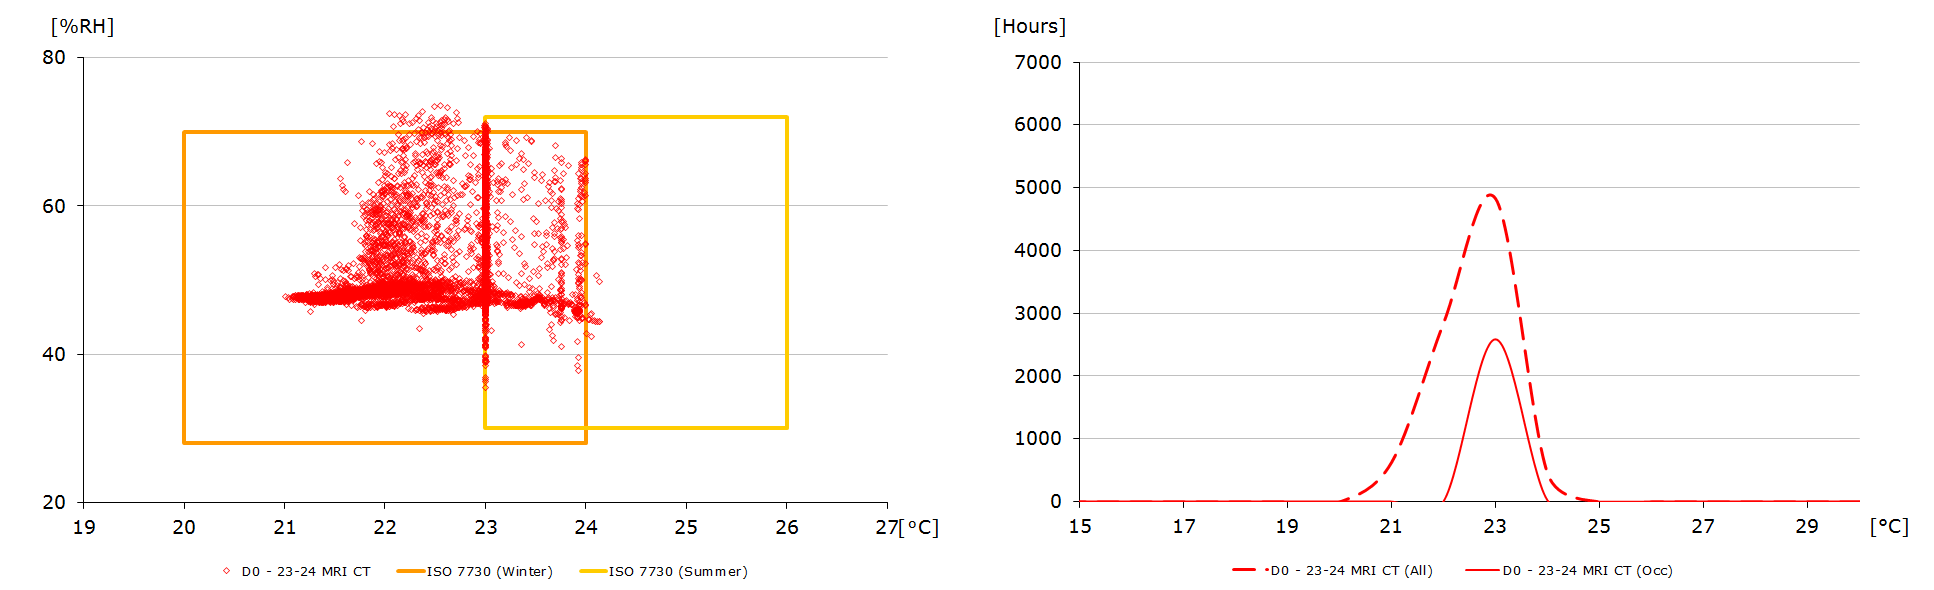 Beoordeling van uurlijkse luchtcondities in een jaar gedurende openingstijden (links). Frequentie-verdeling van de binnentemperatuur in een jaar, zowel voor alle uren als de openingsuren. Beide voor een volledig geconditioneerd gebouw.